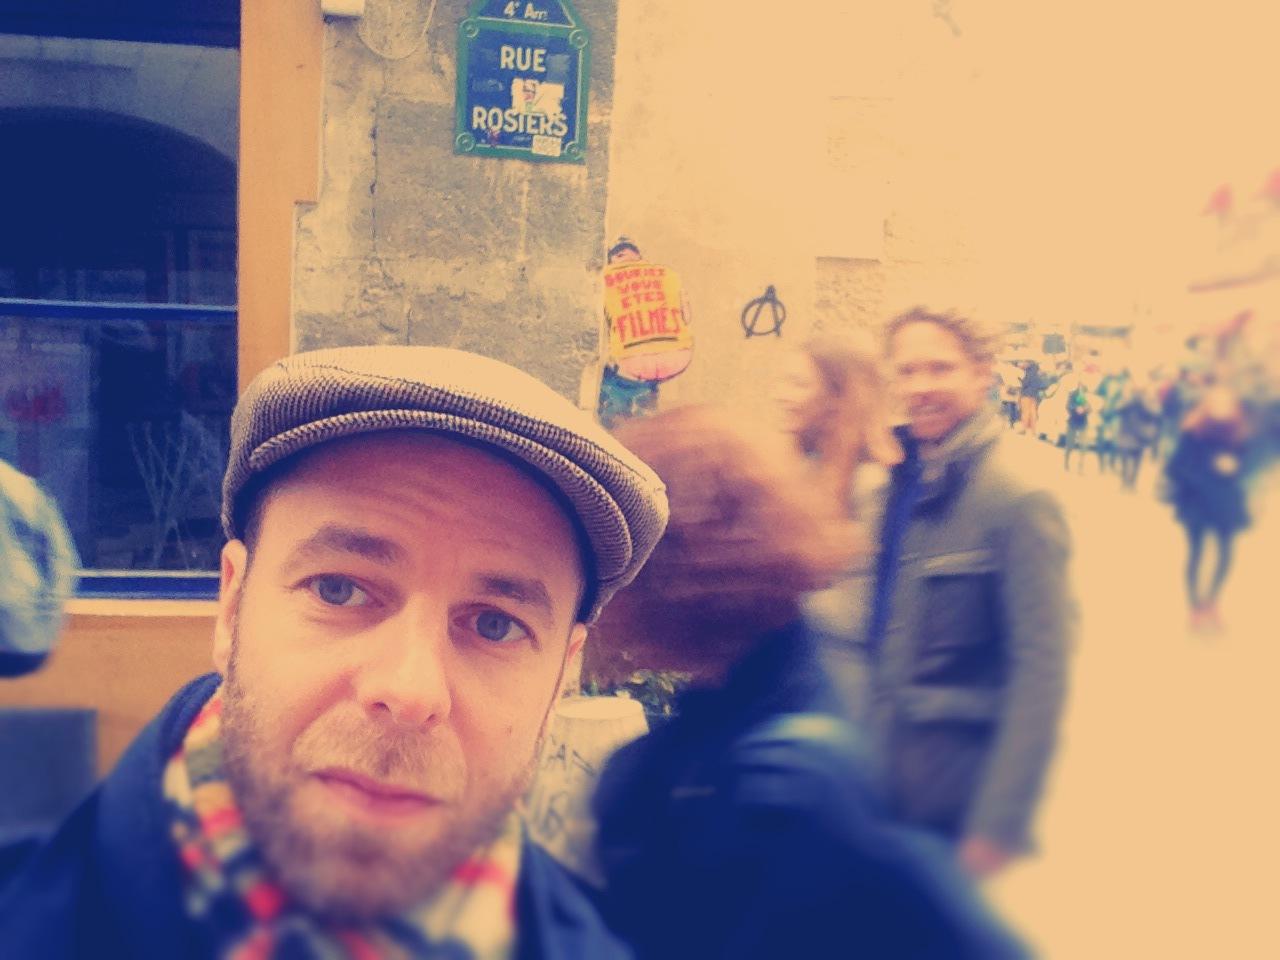 Le Selfie